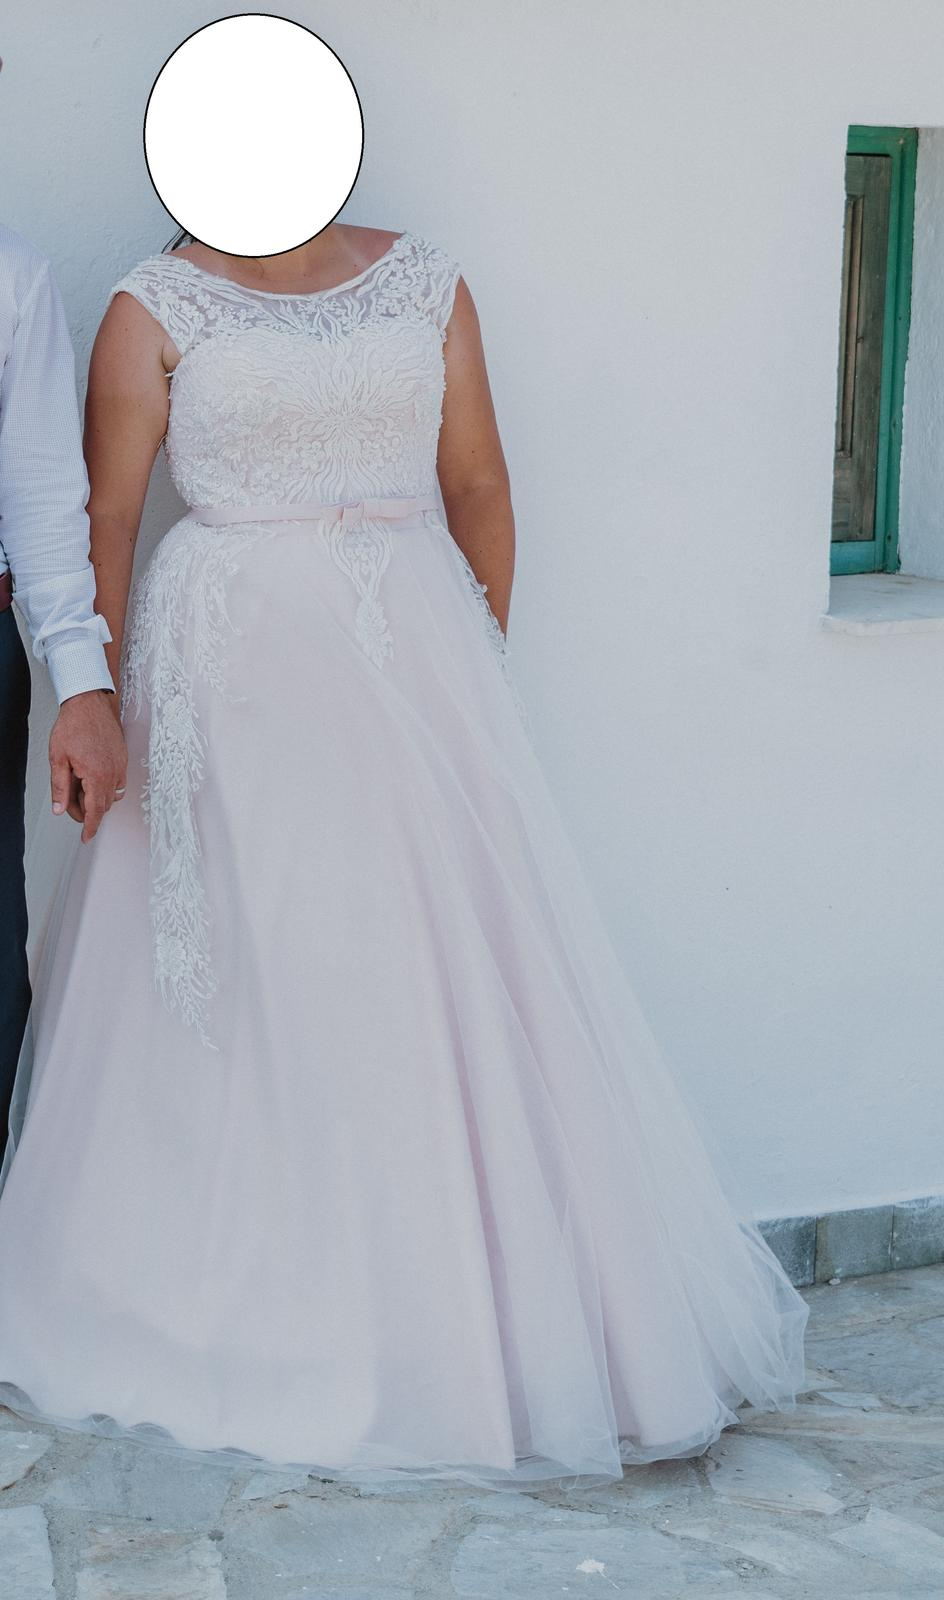 bielo ružové svadobné šaty 42-44 - Obrázok č. 2